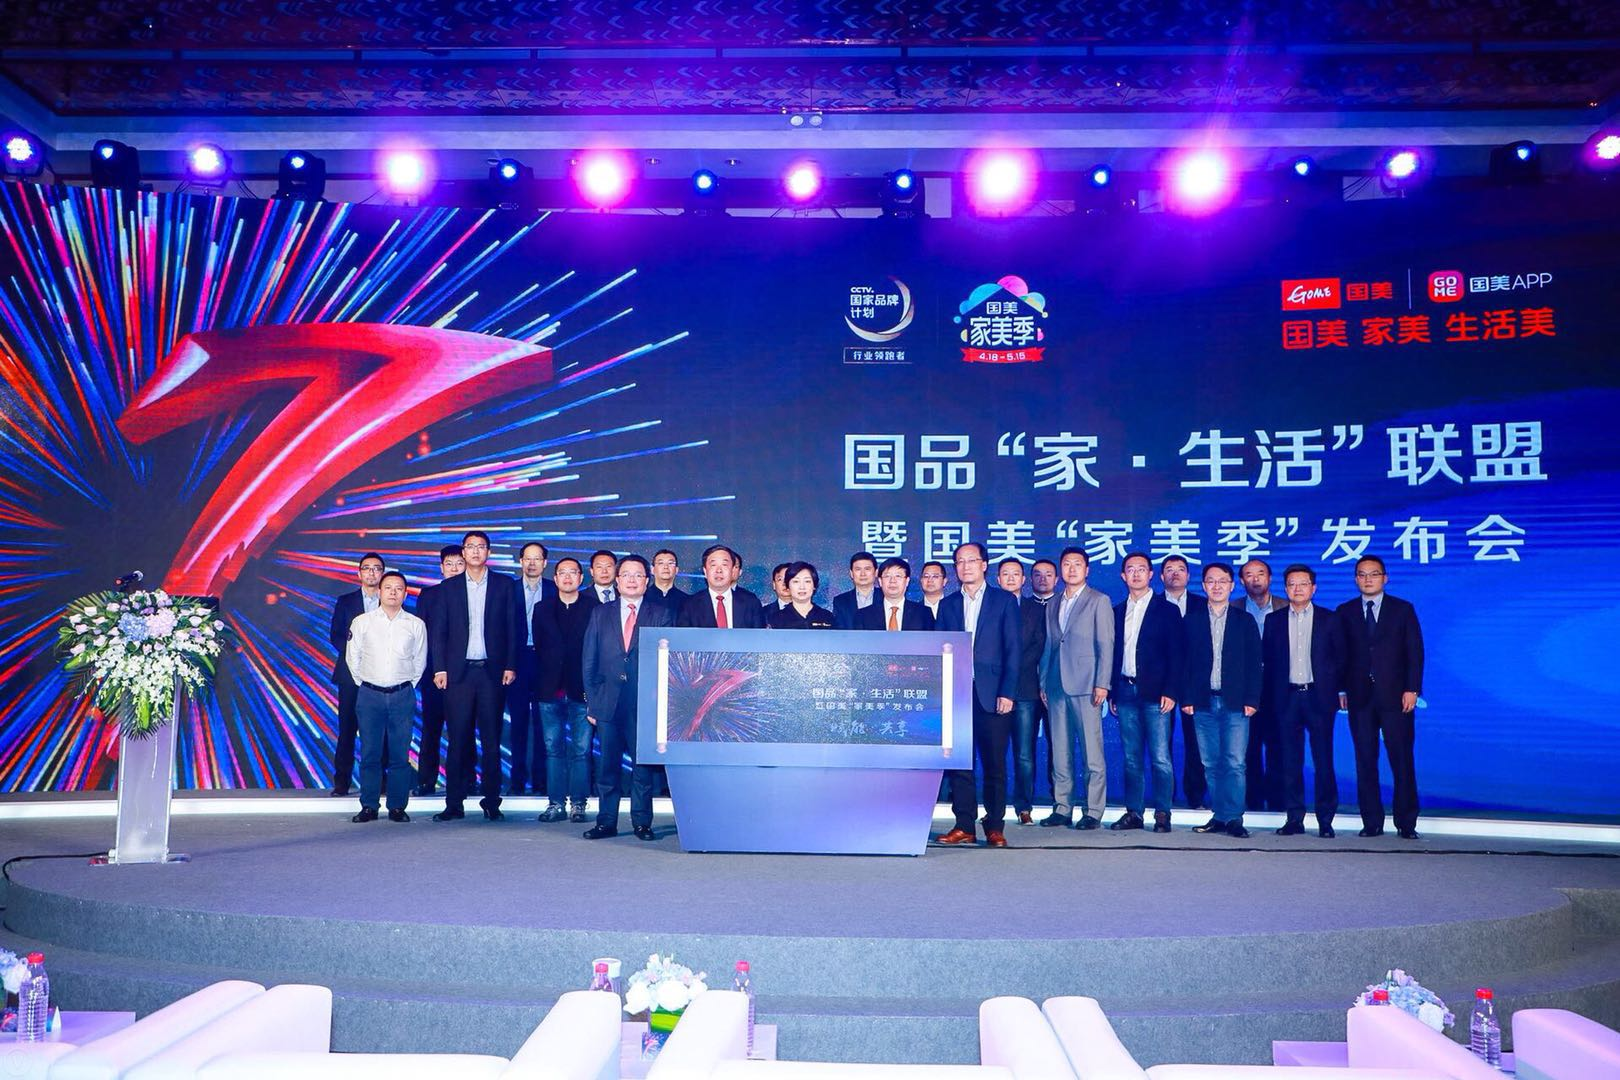 科技早闻:三星LG拟关闭中国视工厂,洗衣机新国标发布